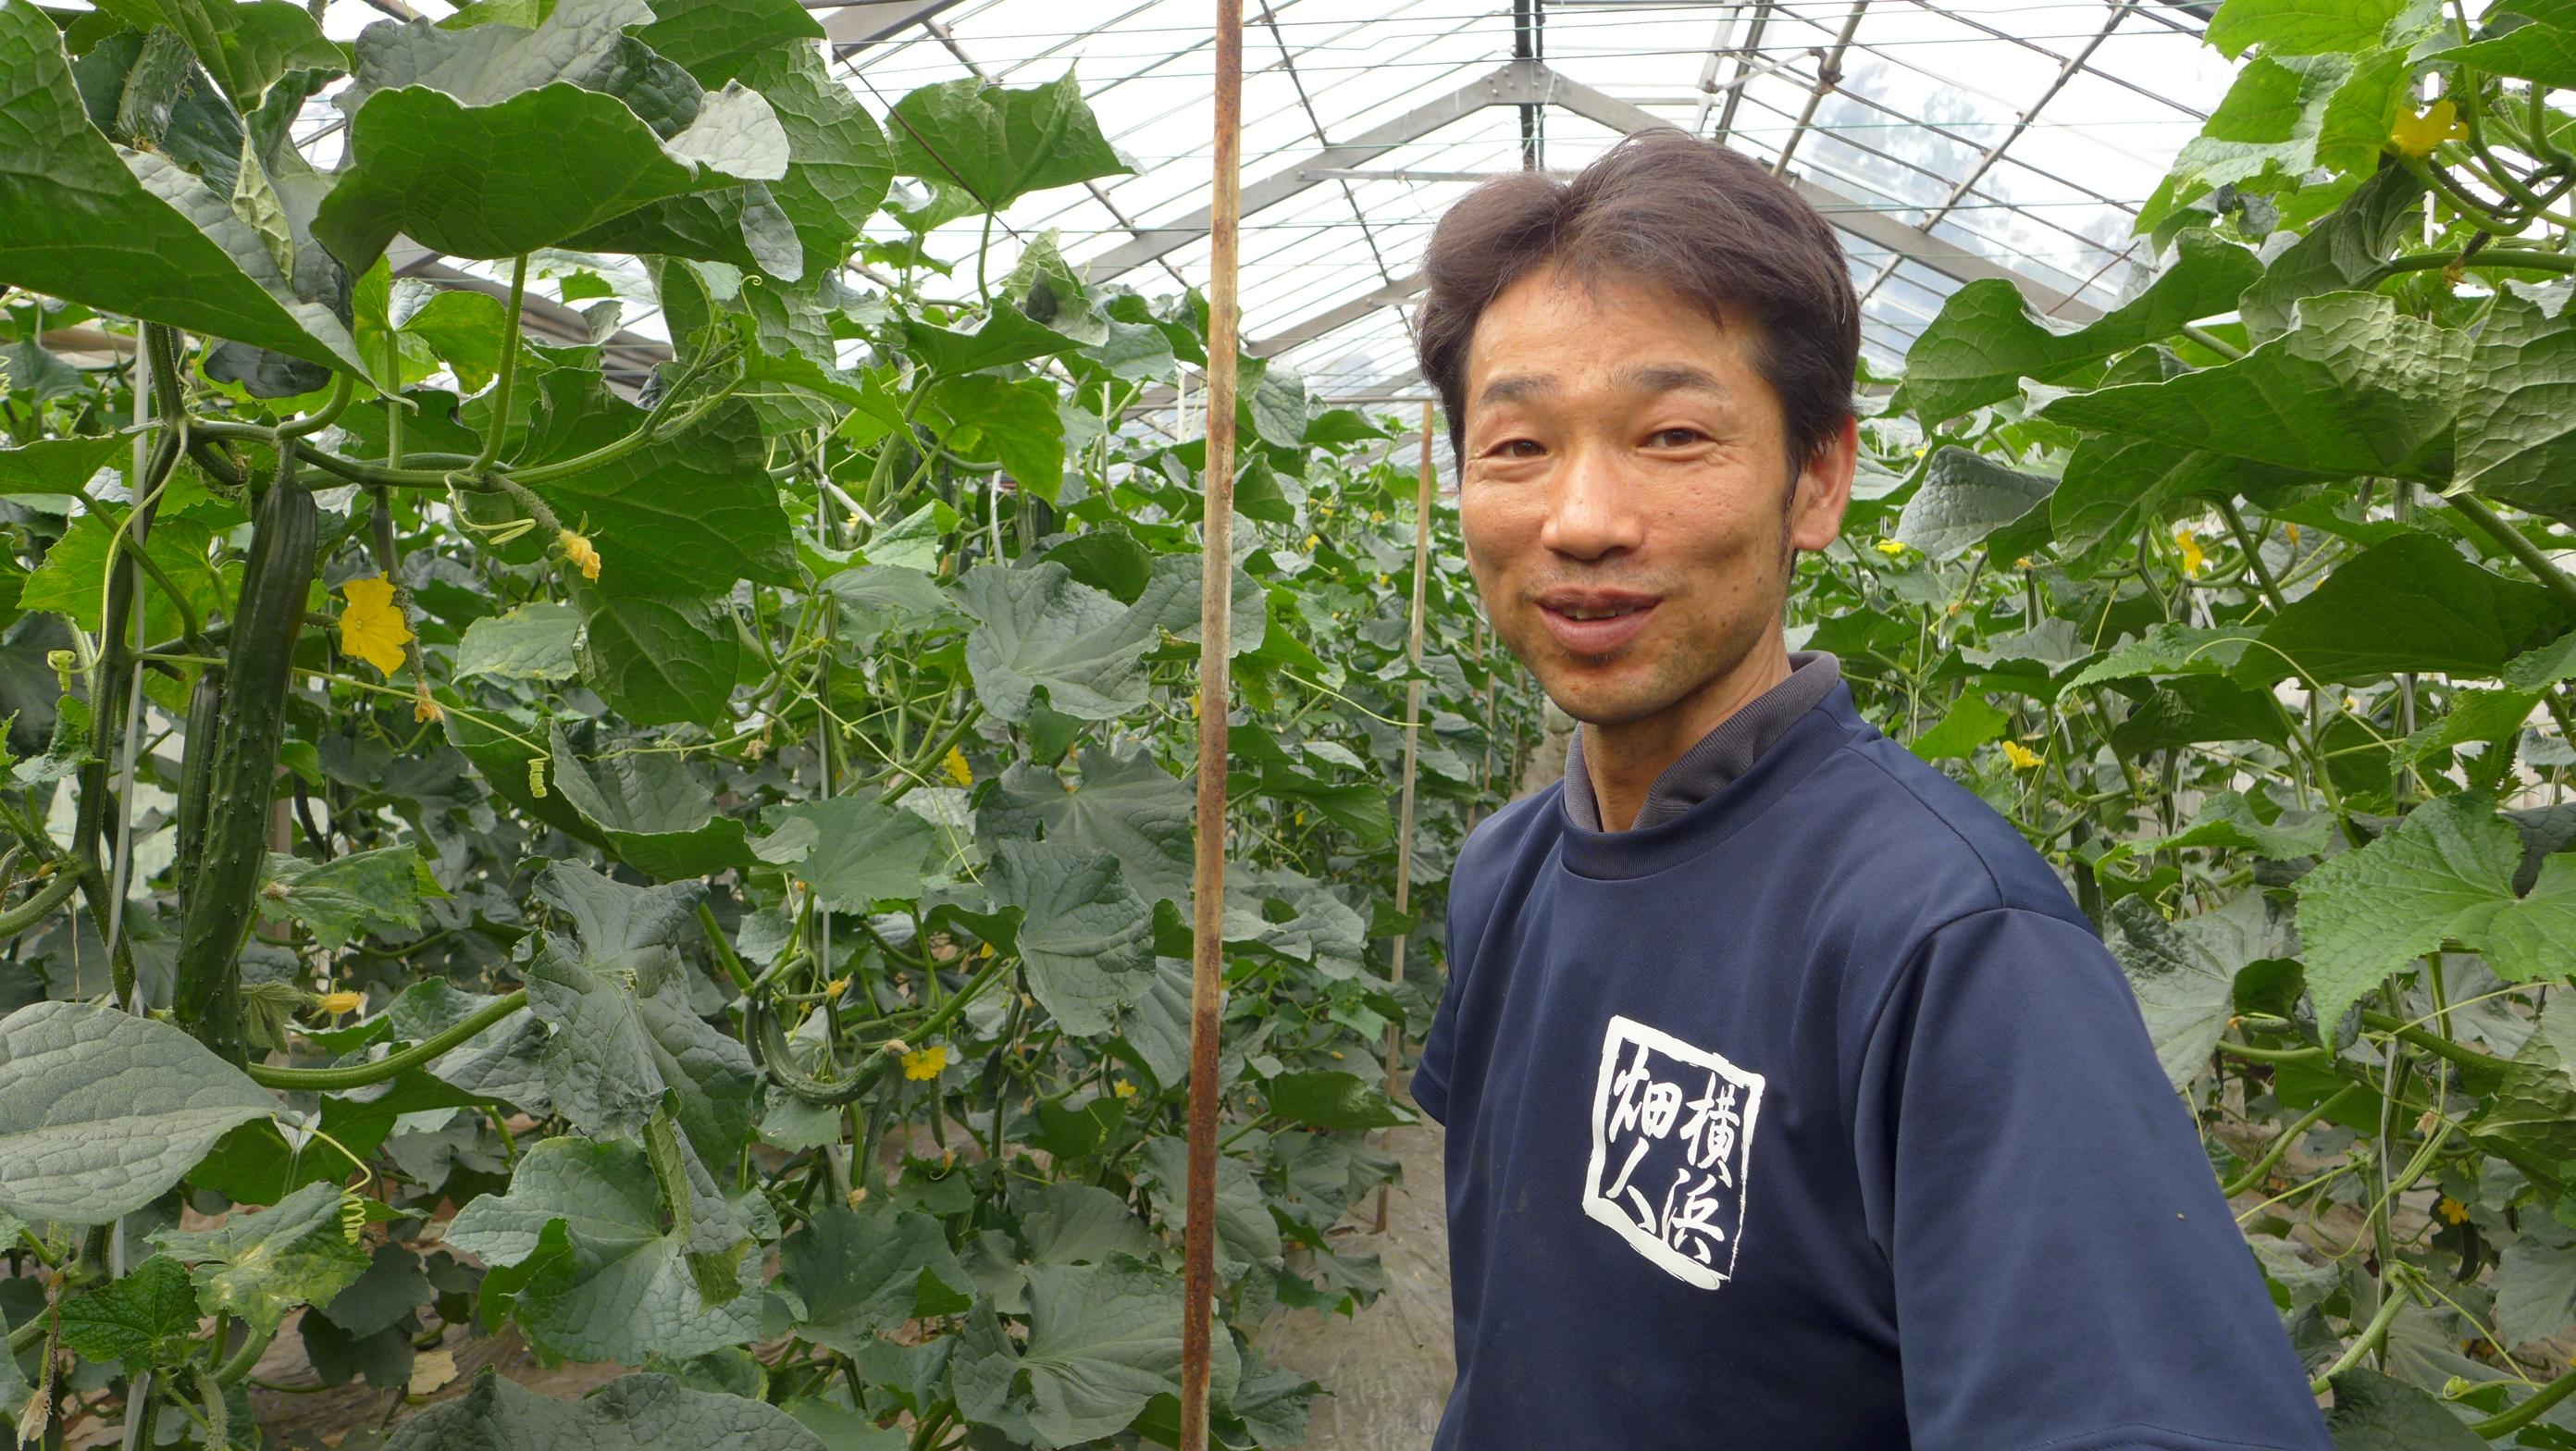 「有機農法にこだわって、味の濃い野菜を育てています」 オーガニックサラダ館– 横山 直信さん